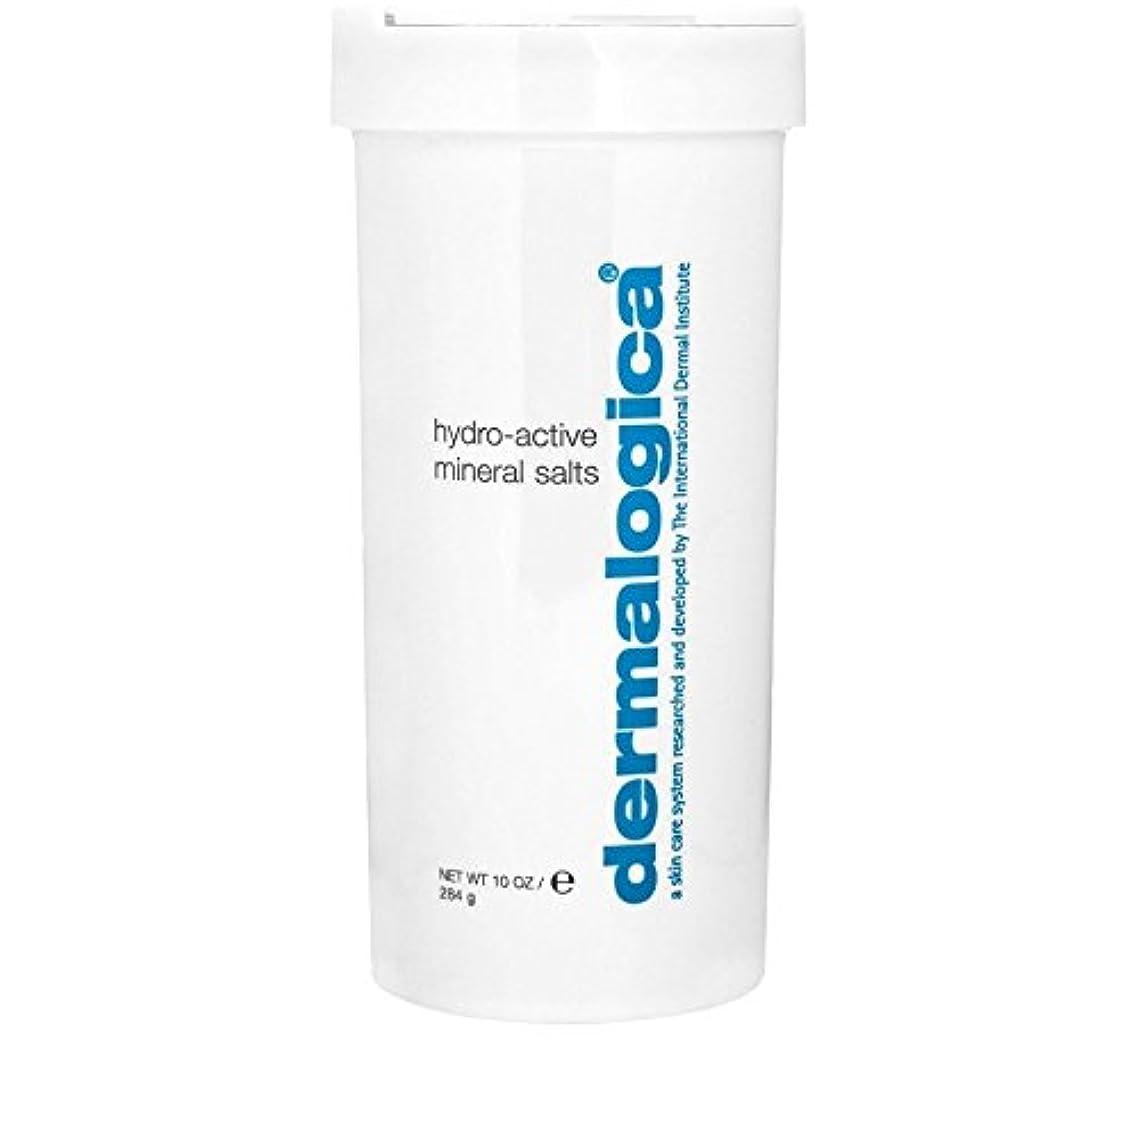 主権者十一青ダーマロジカ水力アクティブミネラル塩284グラム x2 - Dermalogica Hydro Active Mineral Salt 284g (Pack of 2) [並行輸入品]